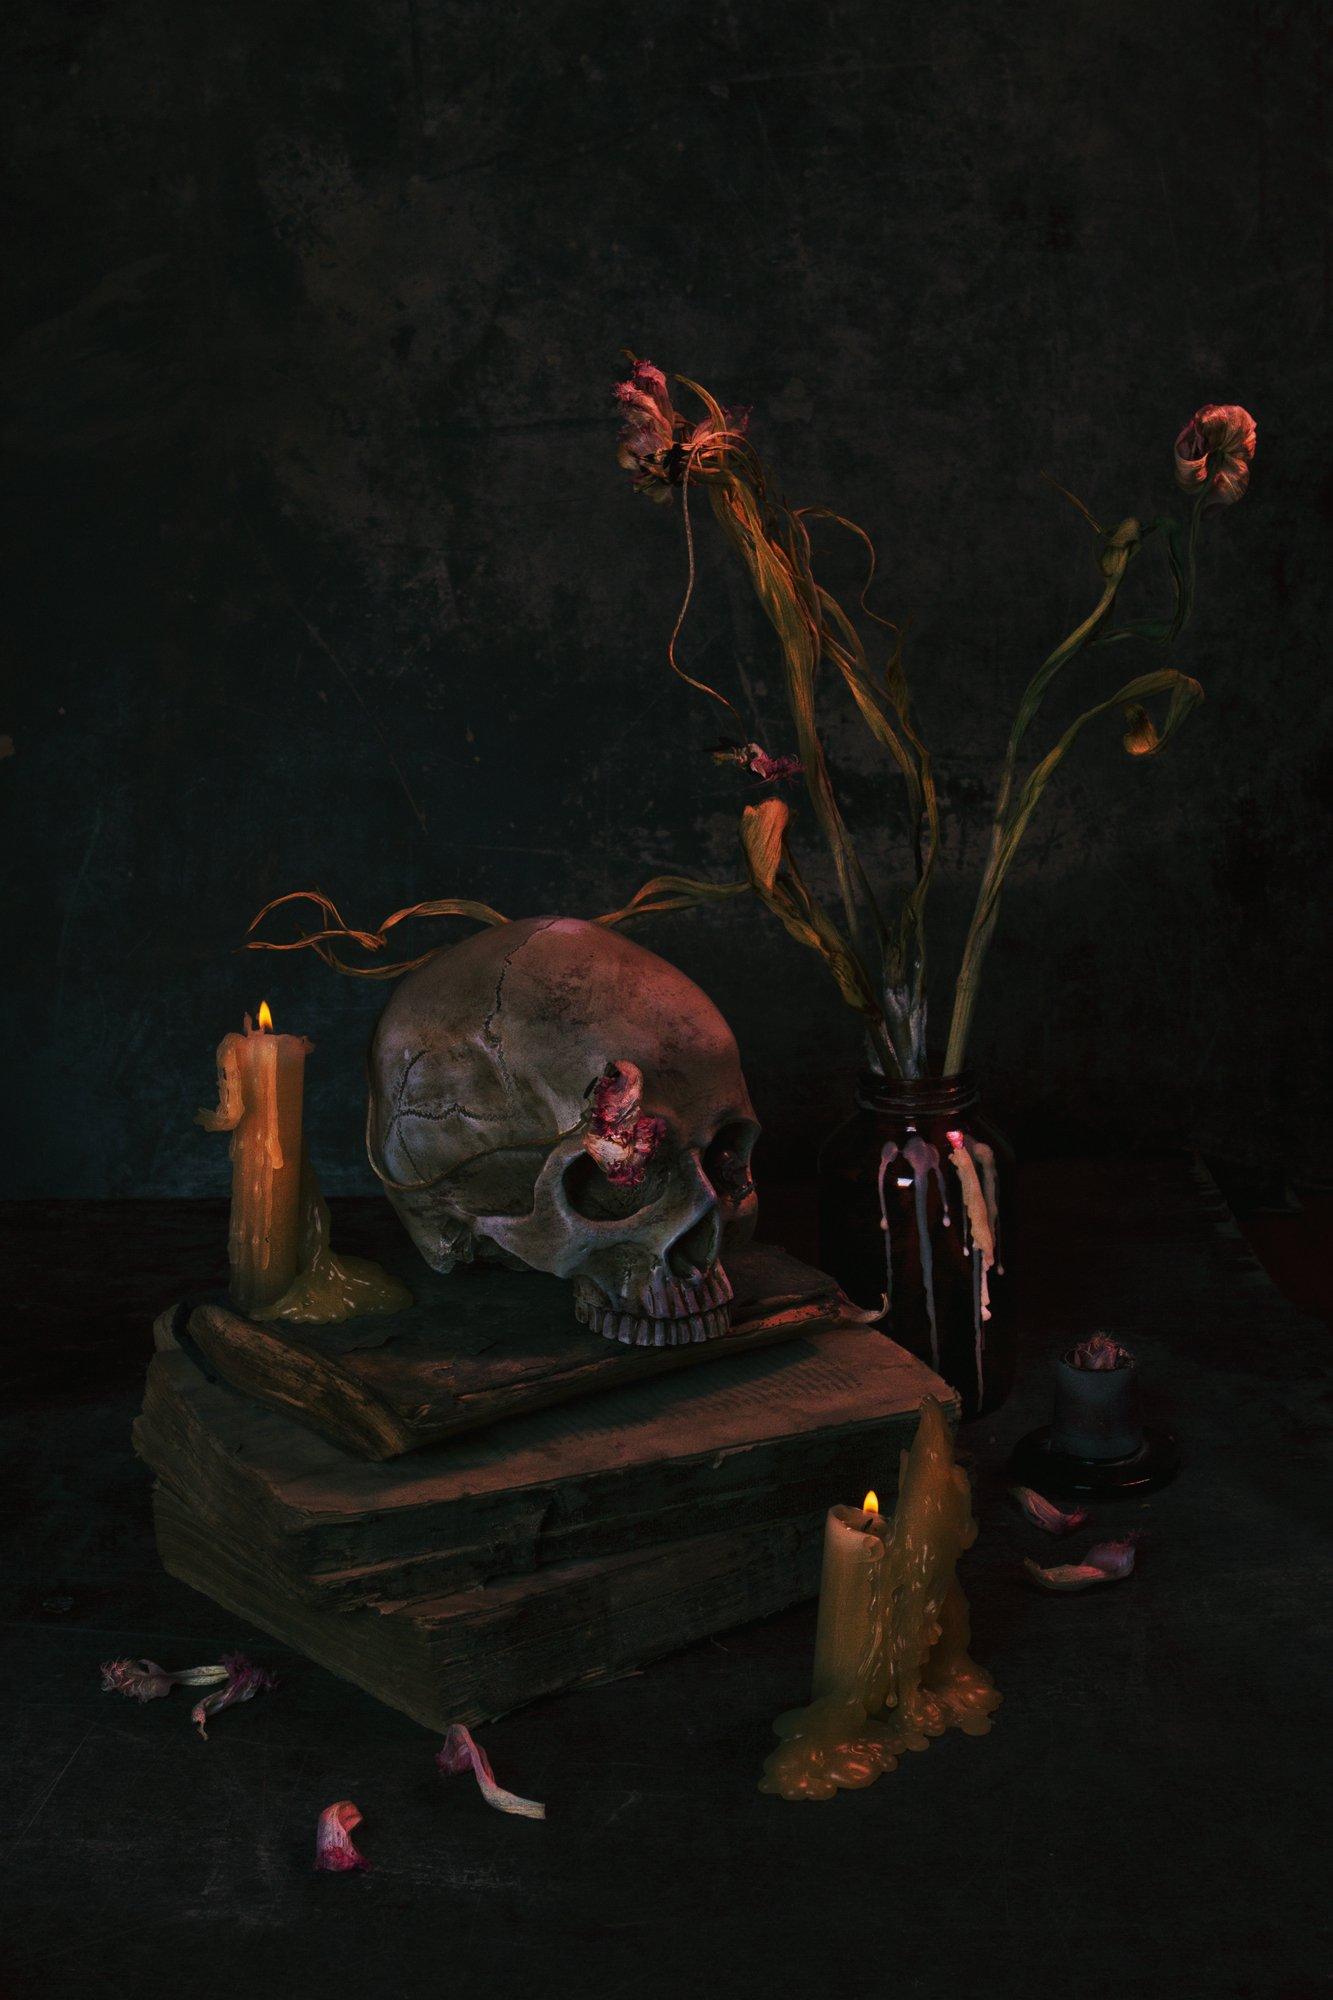 череп, цветы, тюльпаны, увядшие, натюрморт, жук, свеча, Наталья Голубева